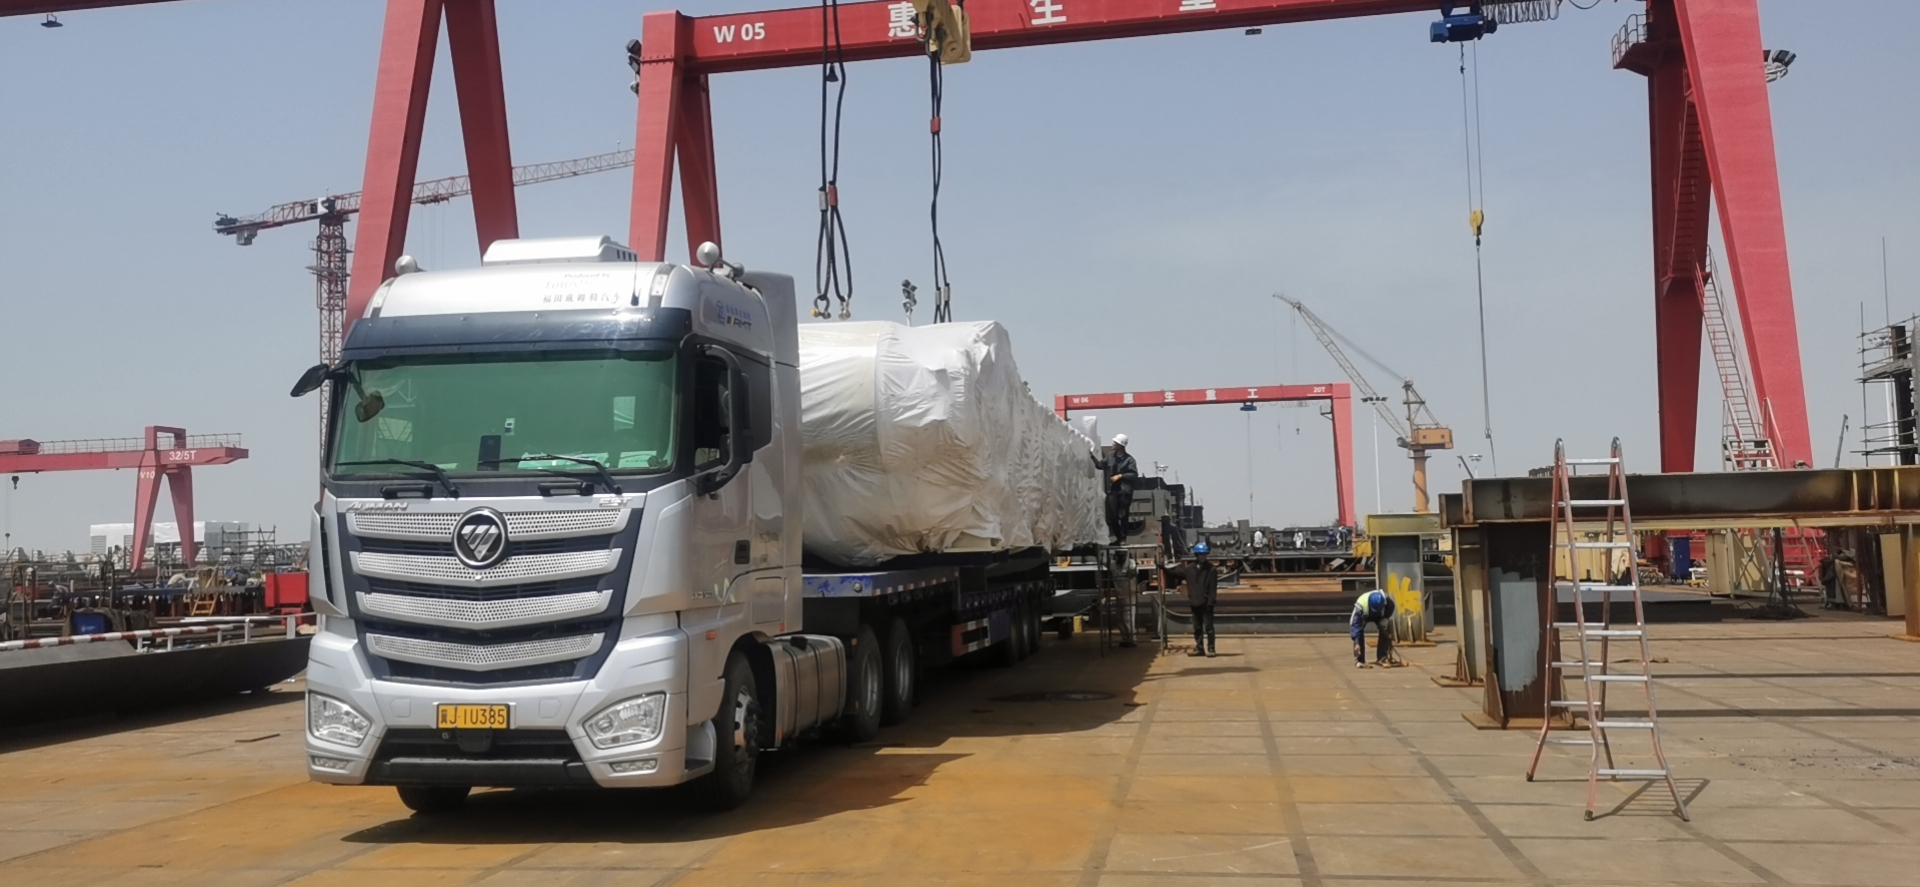 楚基物流 机械设备安全到达并顺利卸货